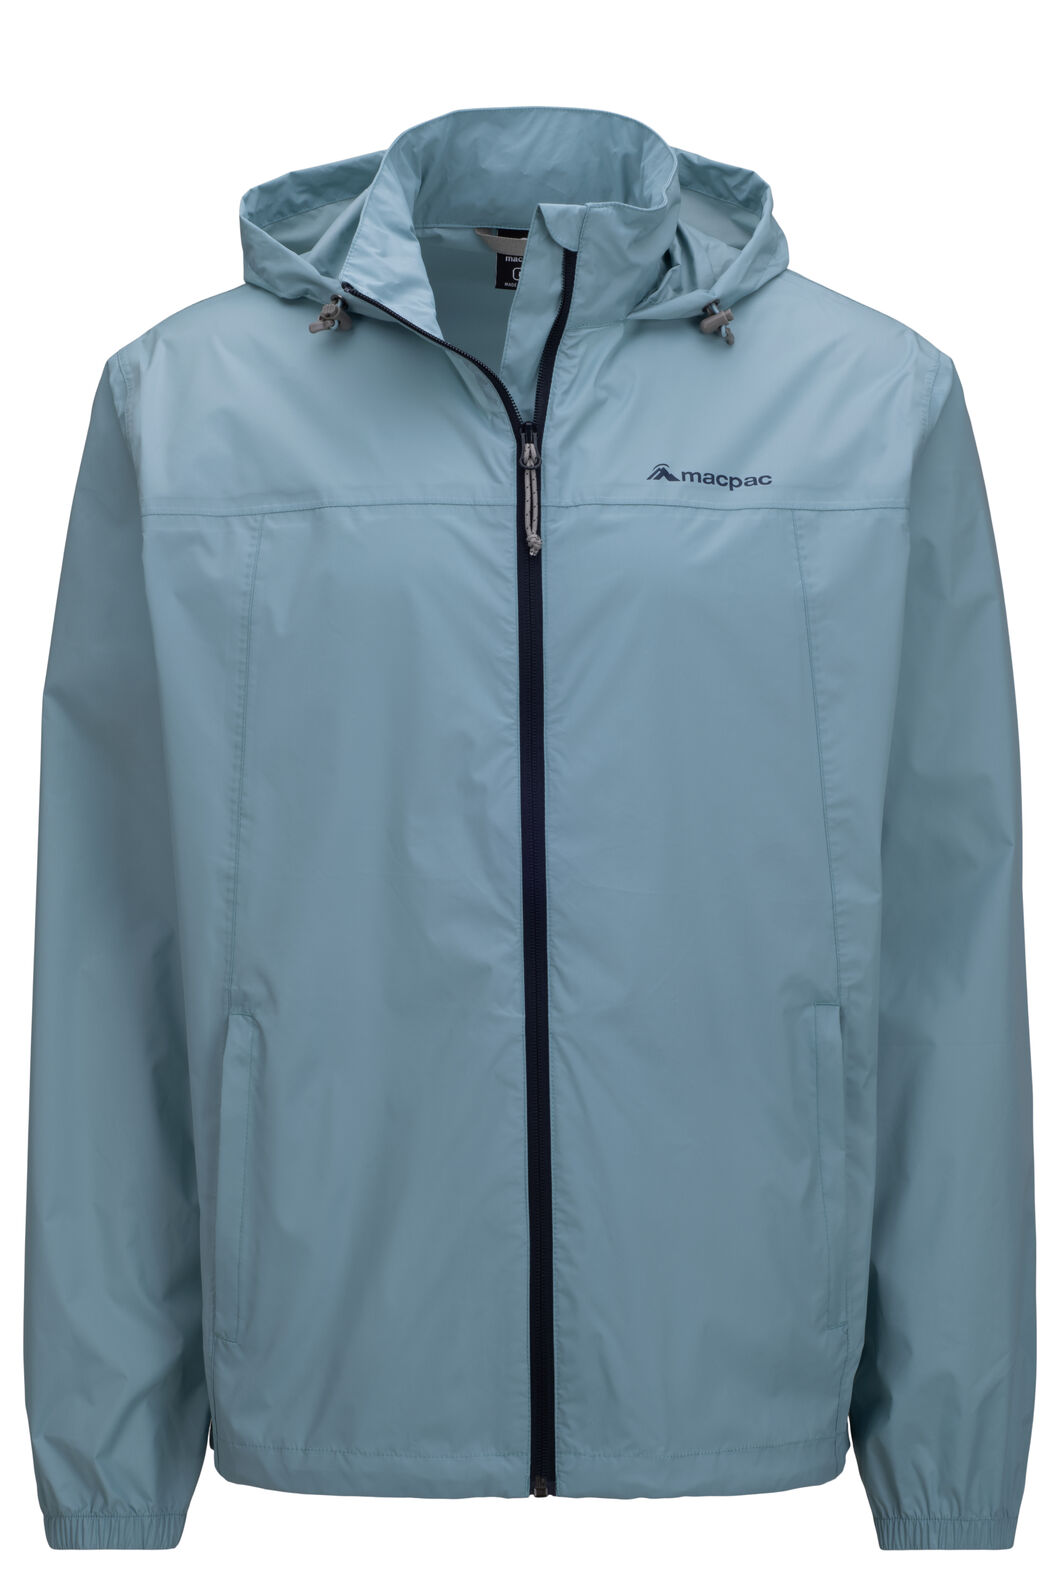 Macpac Pack-It-Jacket, Tourmaline, hi-res